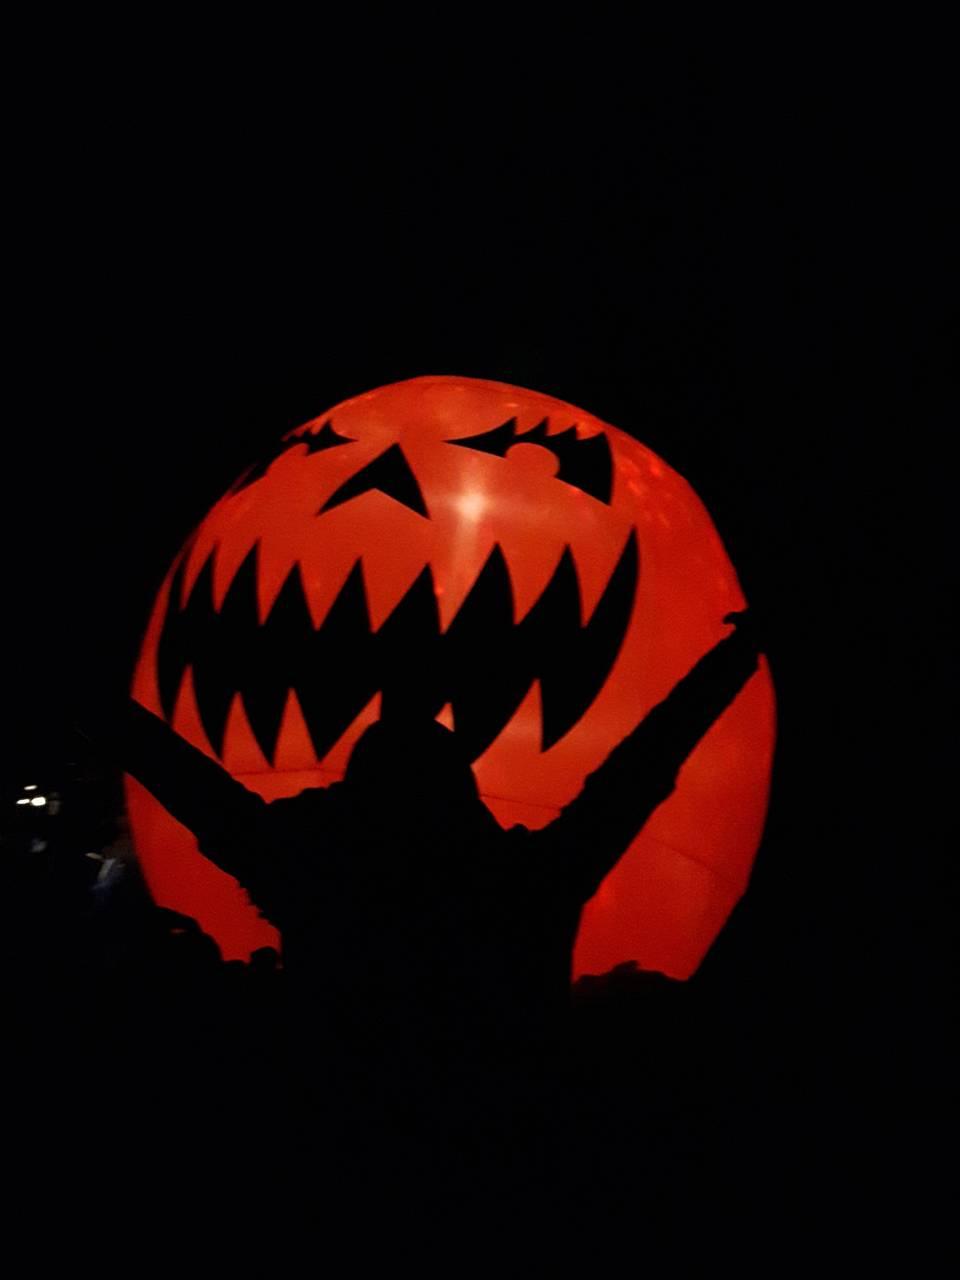 Sinful Pumpkin